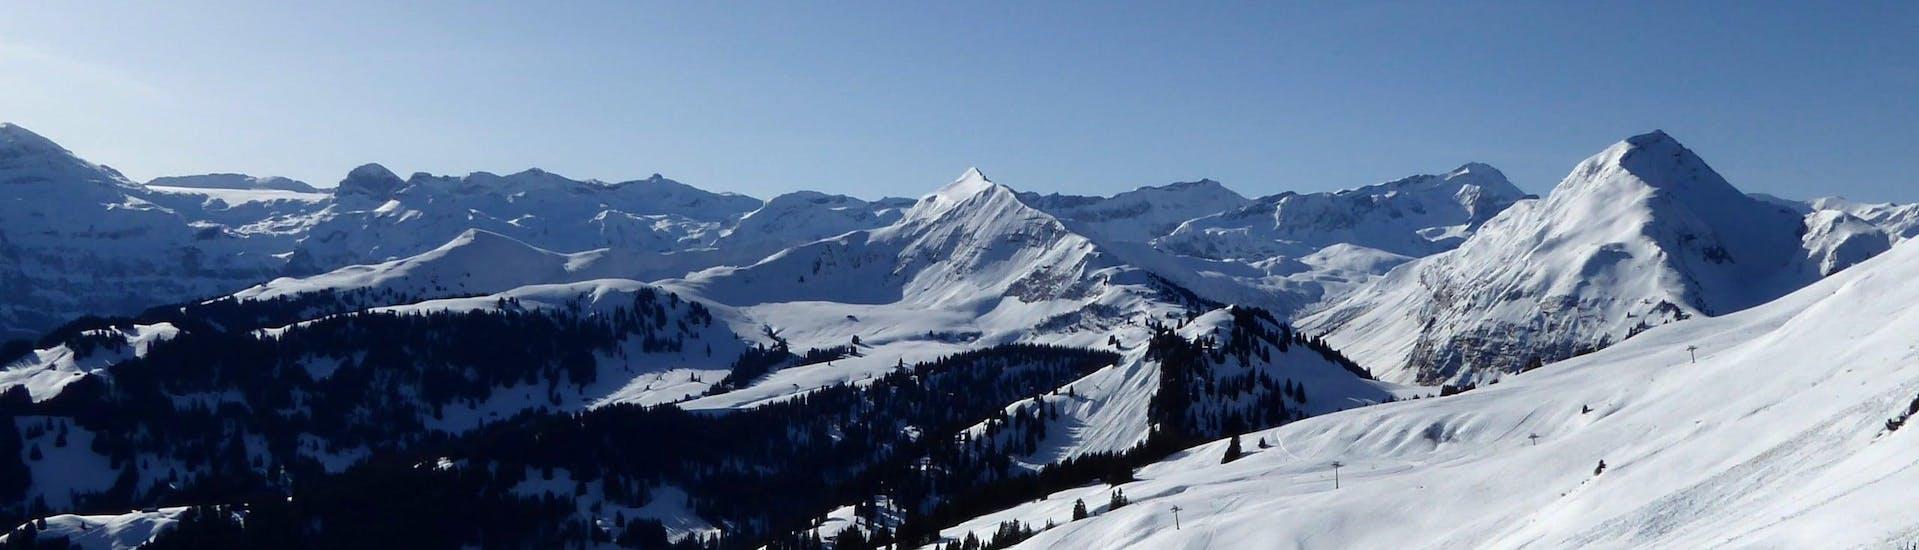 Vue sur un paysage de montagne ensoleillé lors d'un cours de ski avec l'une des écoles de ski à Schönried-Saanenmöser-Zweisimmen.